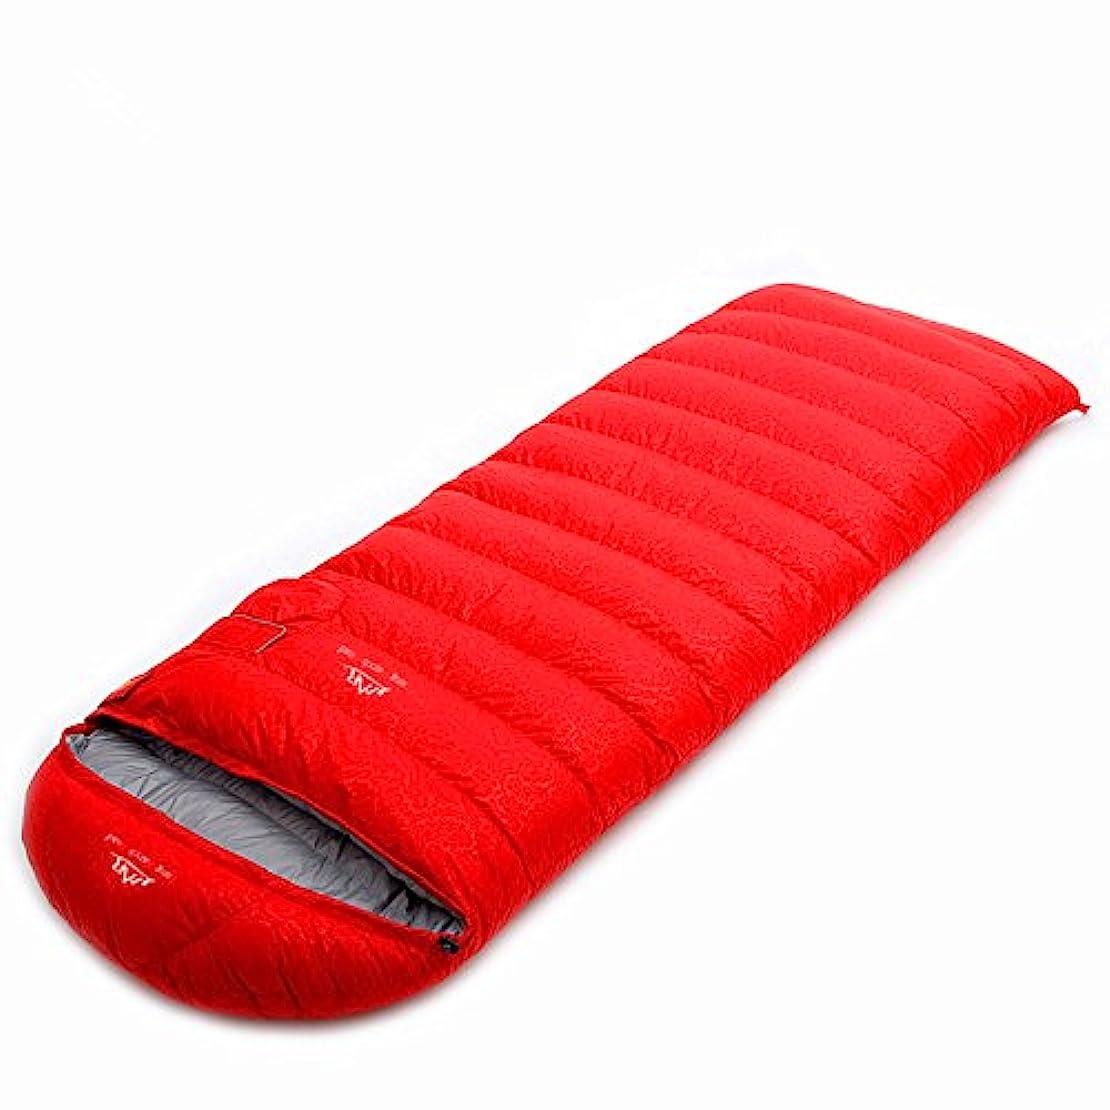 粗い属性文化Okiiting 携帯用寝袋通気性寝袋ナイロン素材暖かい湿気フリーサイズジッパー調整便利な圧縮 うまく設計された